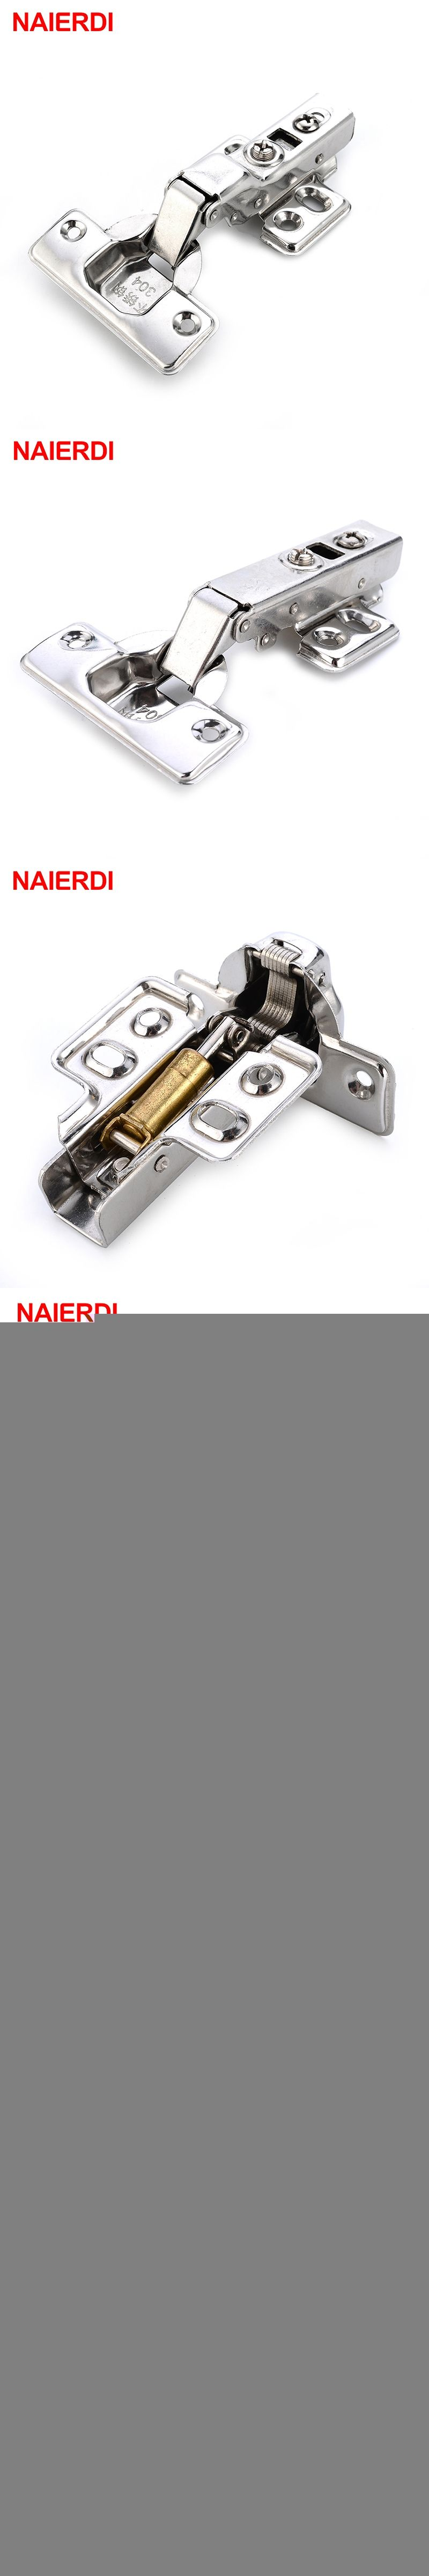 NAIERDI C Series Hinge Stainless Steel Door Hydraulic Hinges Damper